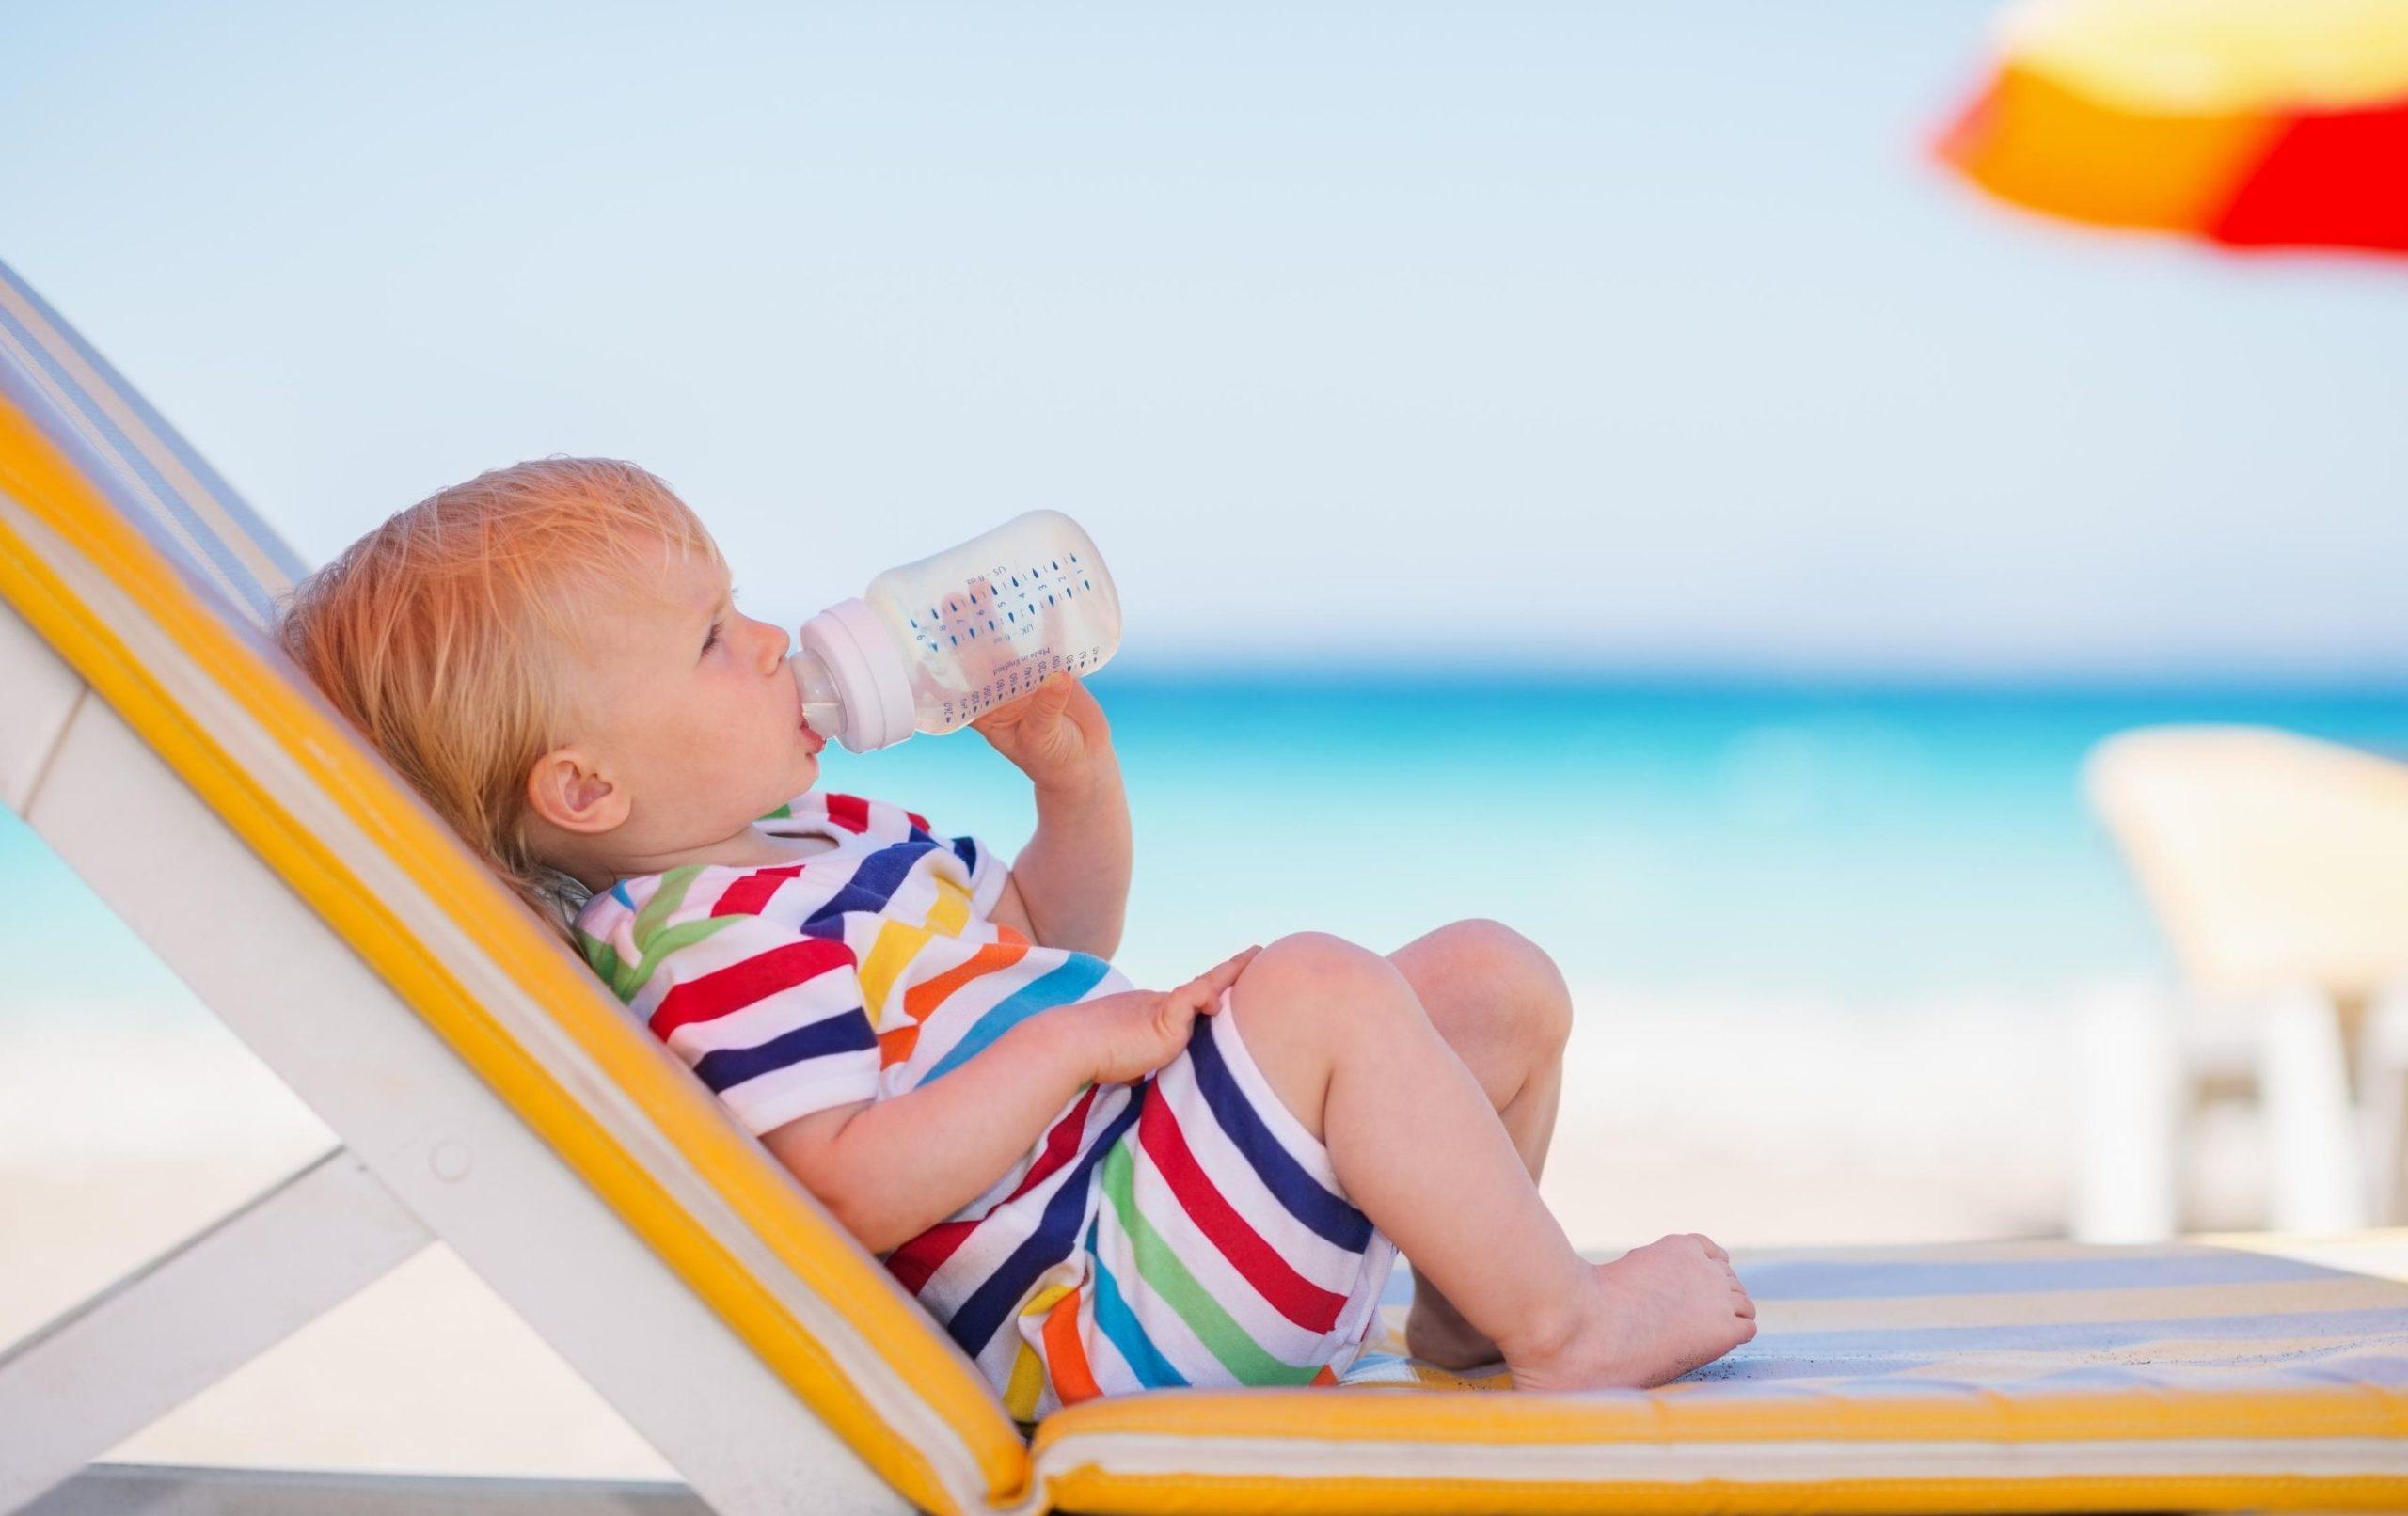 L'été notamment il peut être important d'hydrater son bébé